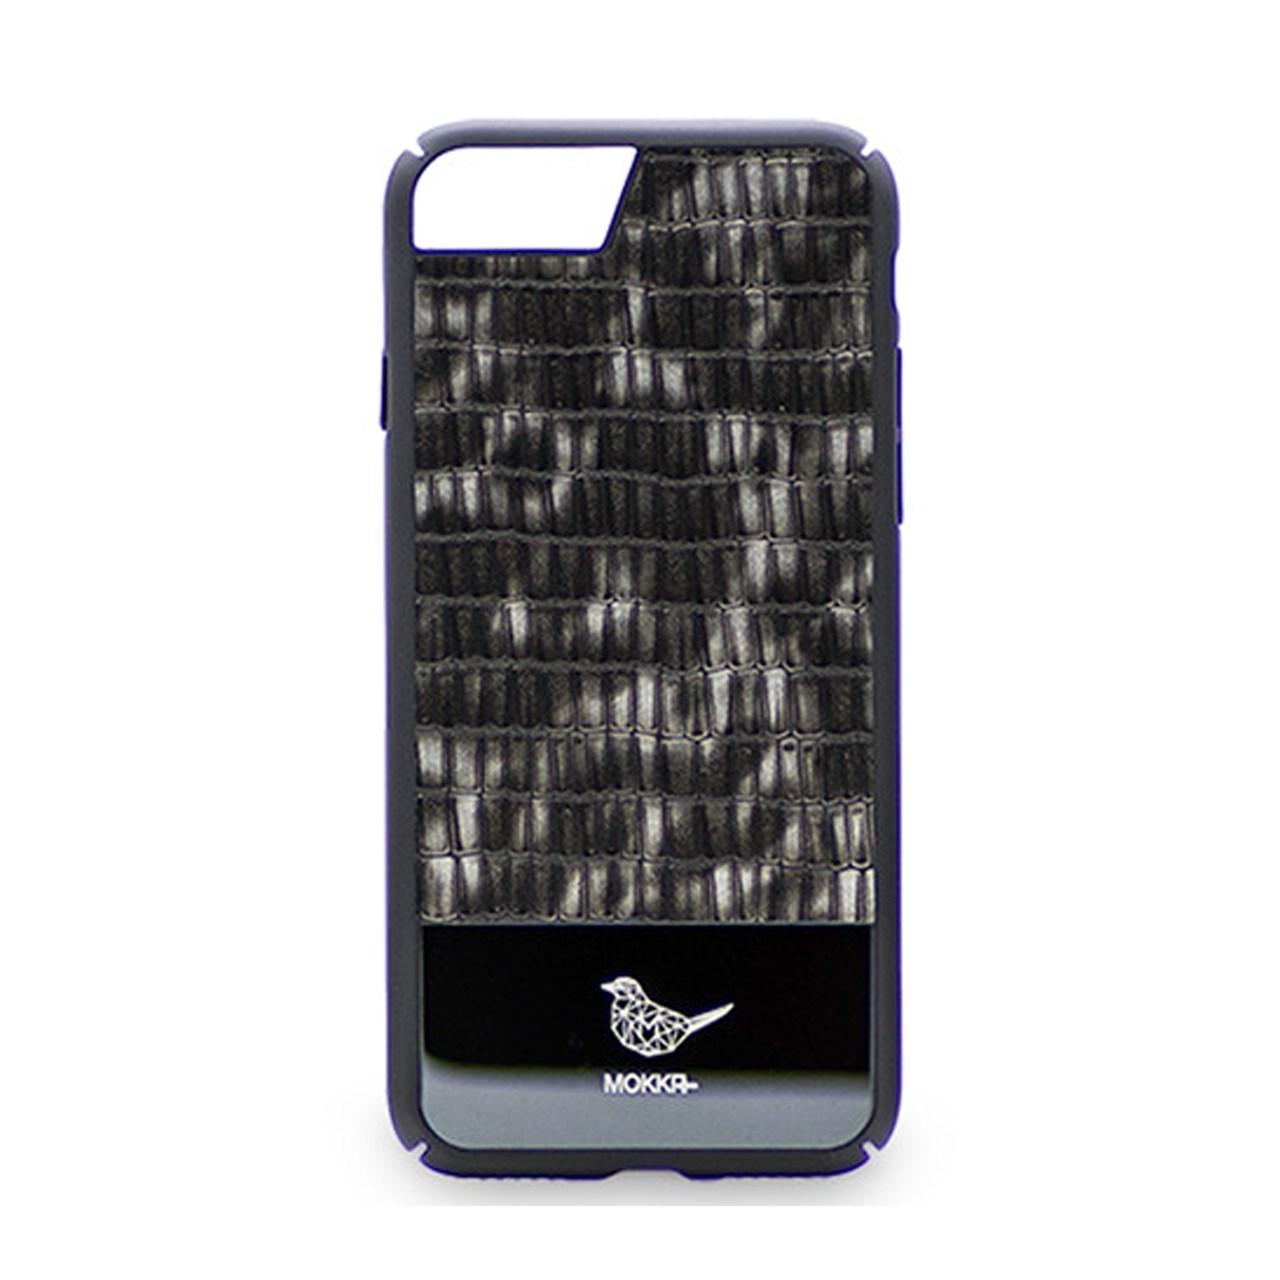 کاور موکا مدل Fashion مناسب برای گوشی موبایل اپل آیفون 7 / 8